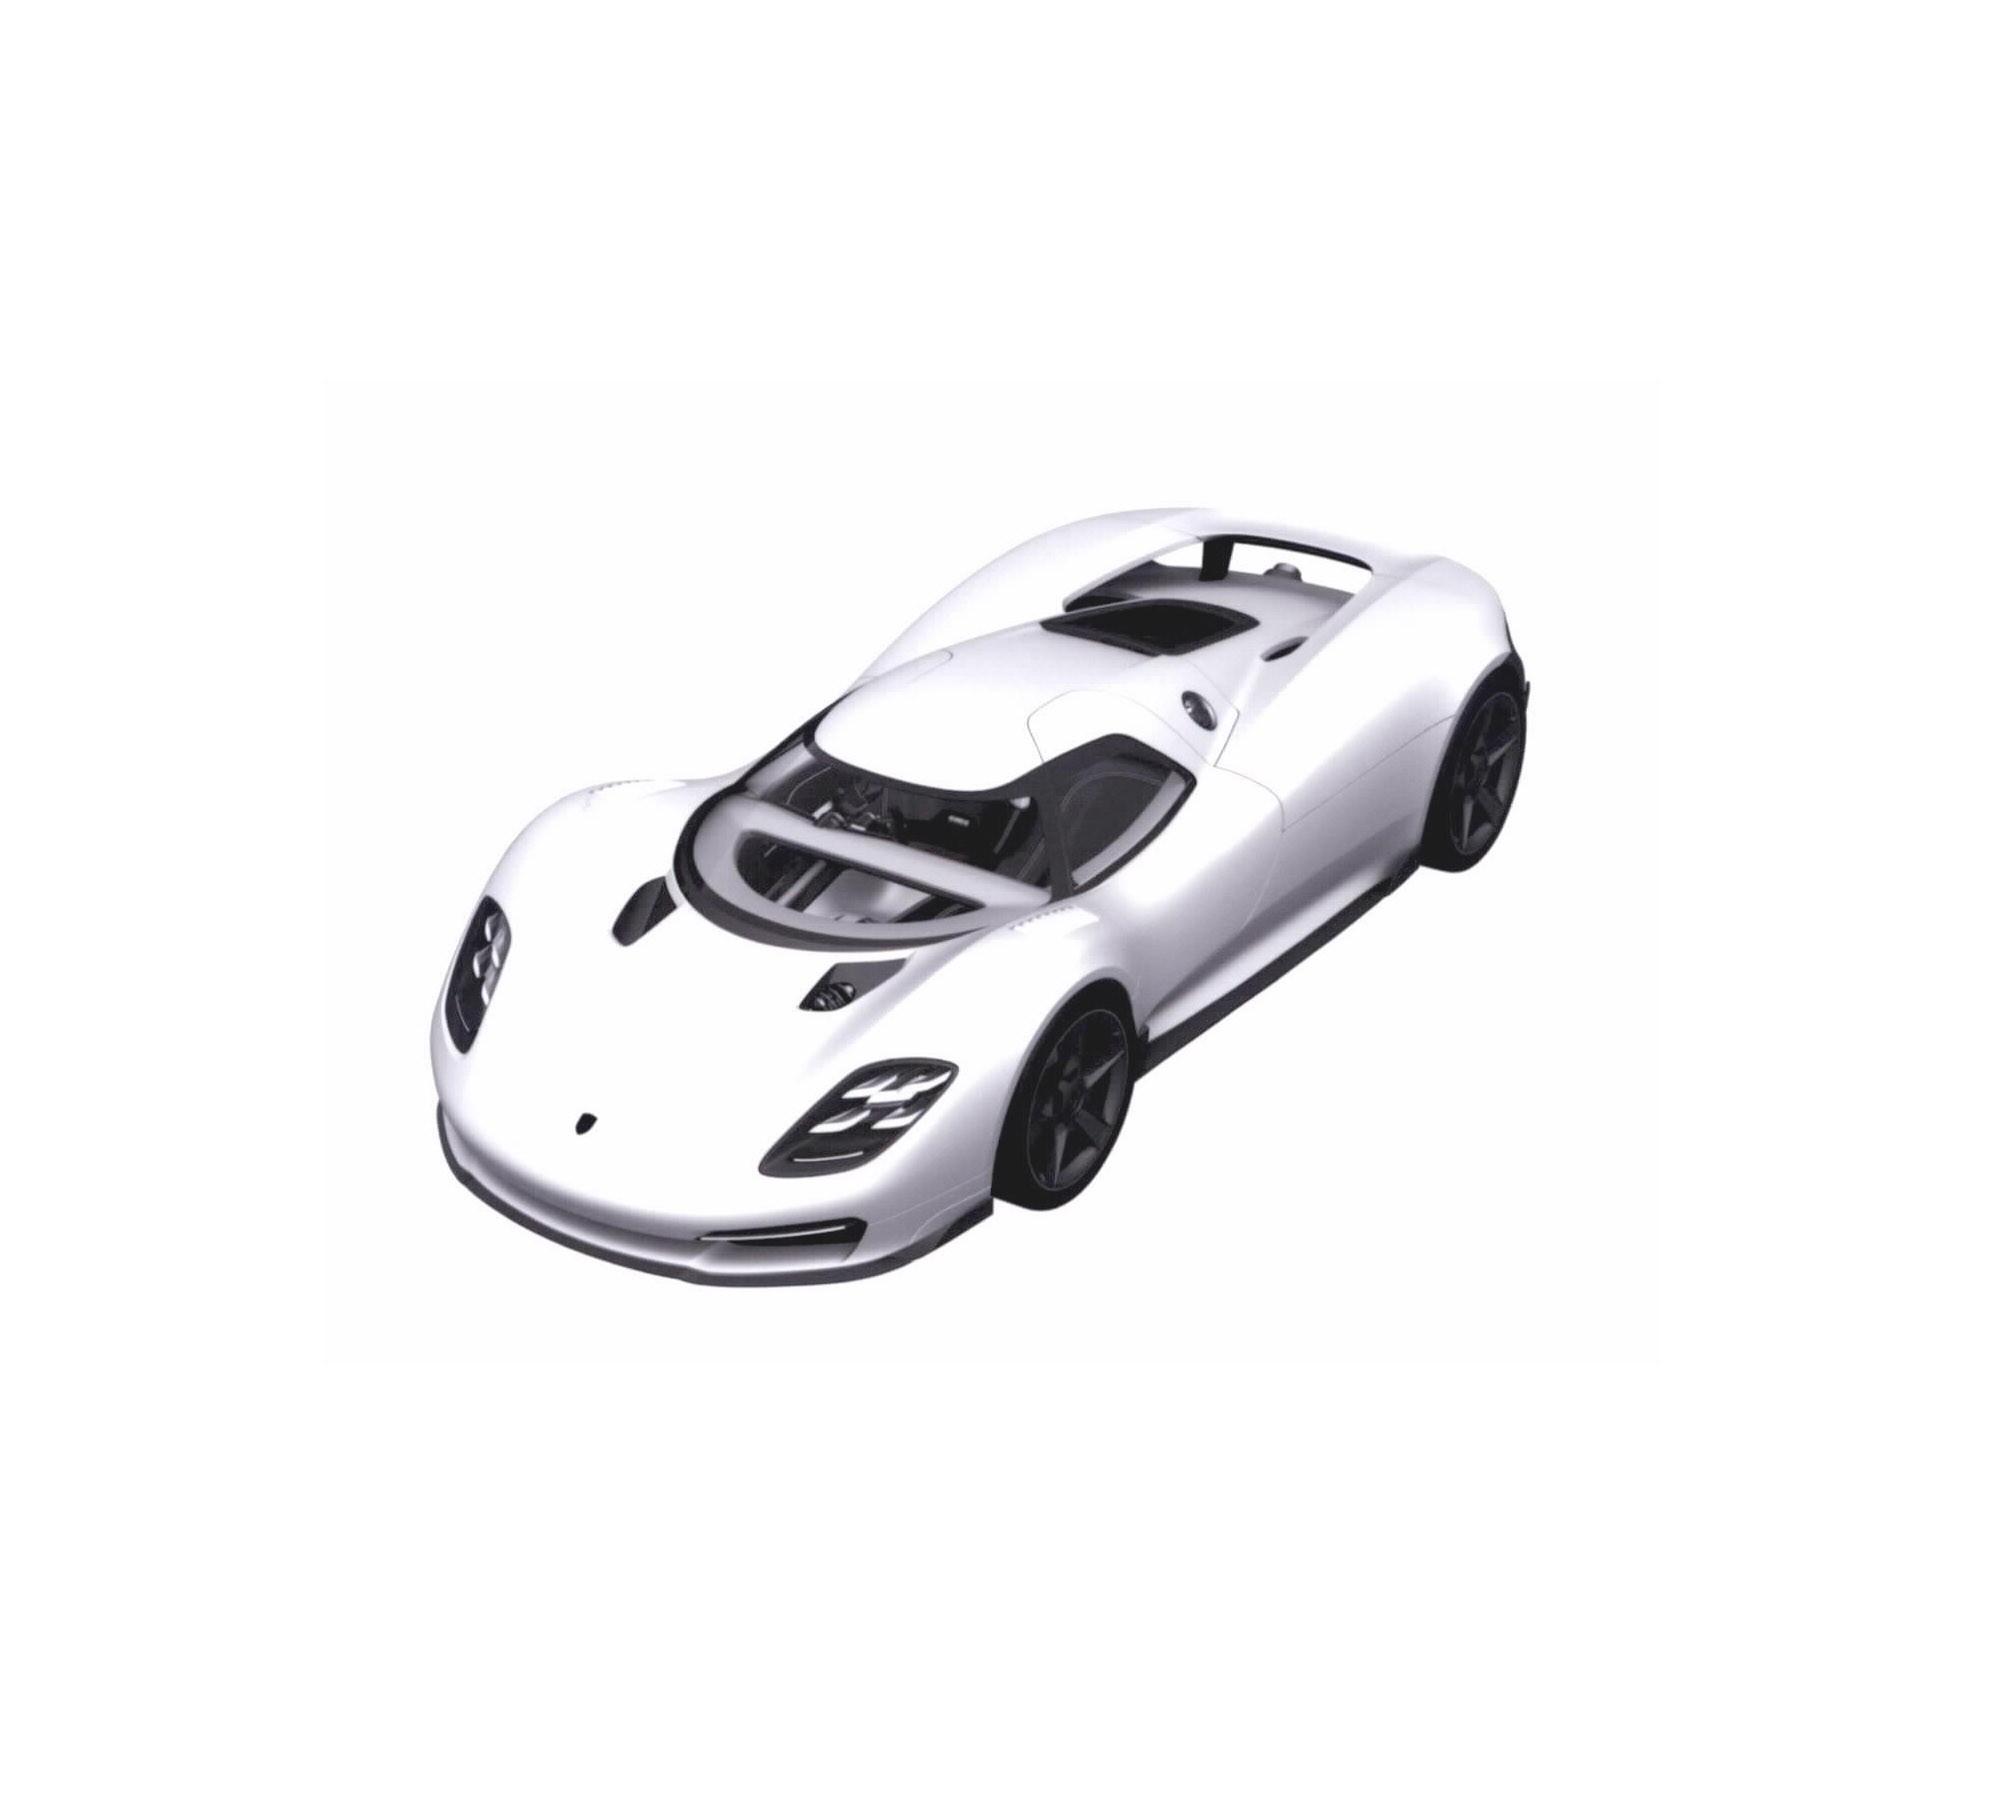 Porsche-918-Spyder-Successor-Patent-Images-1